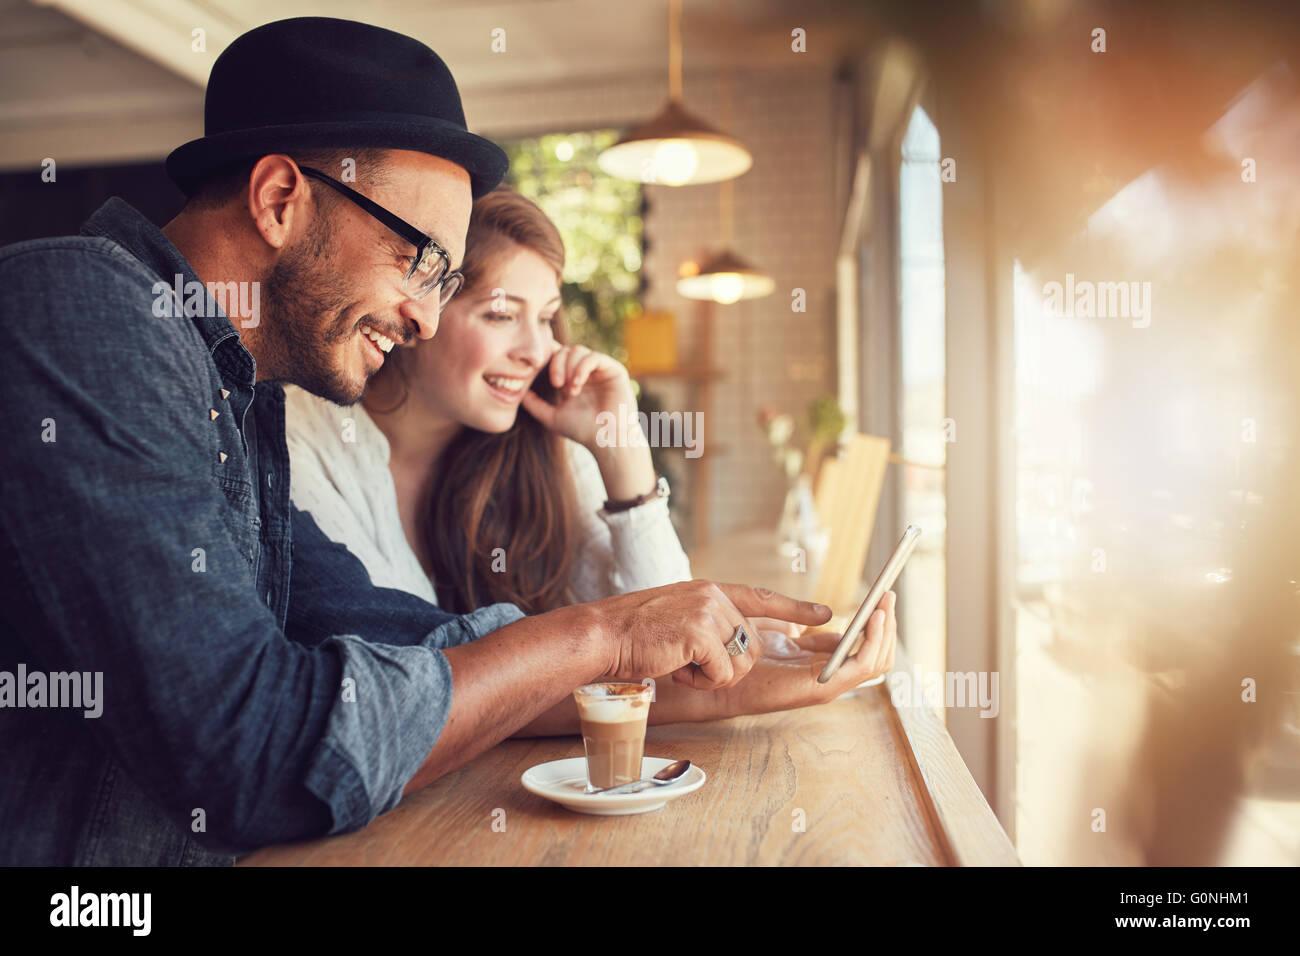 Smiling young couple dans un café à l'aide d'ordinateur à écran tactile. Jeune homme Photo Stock